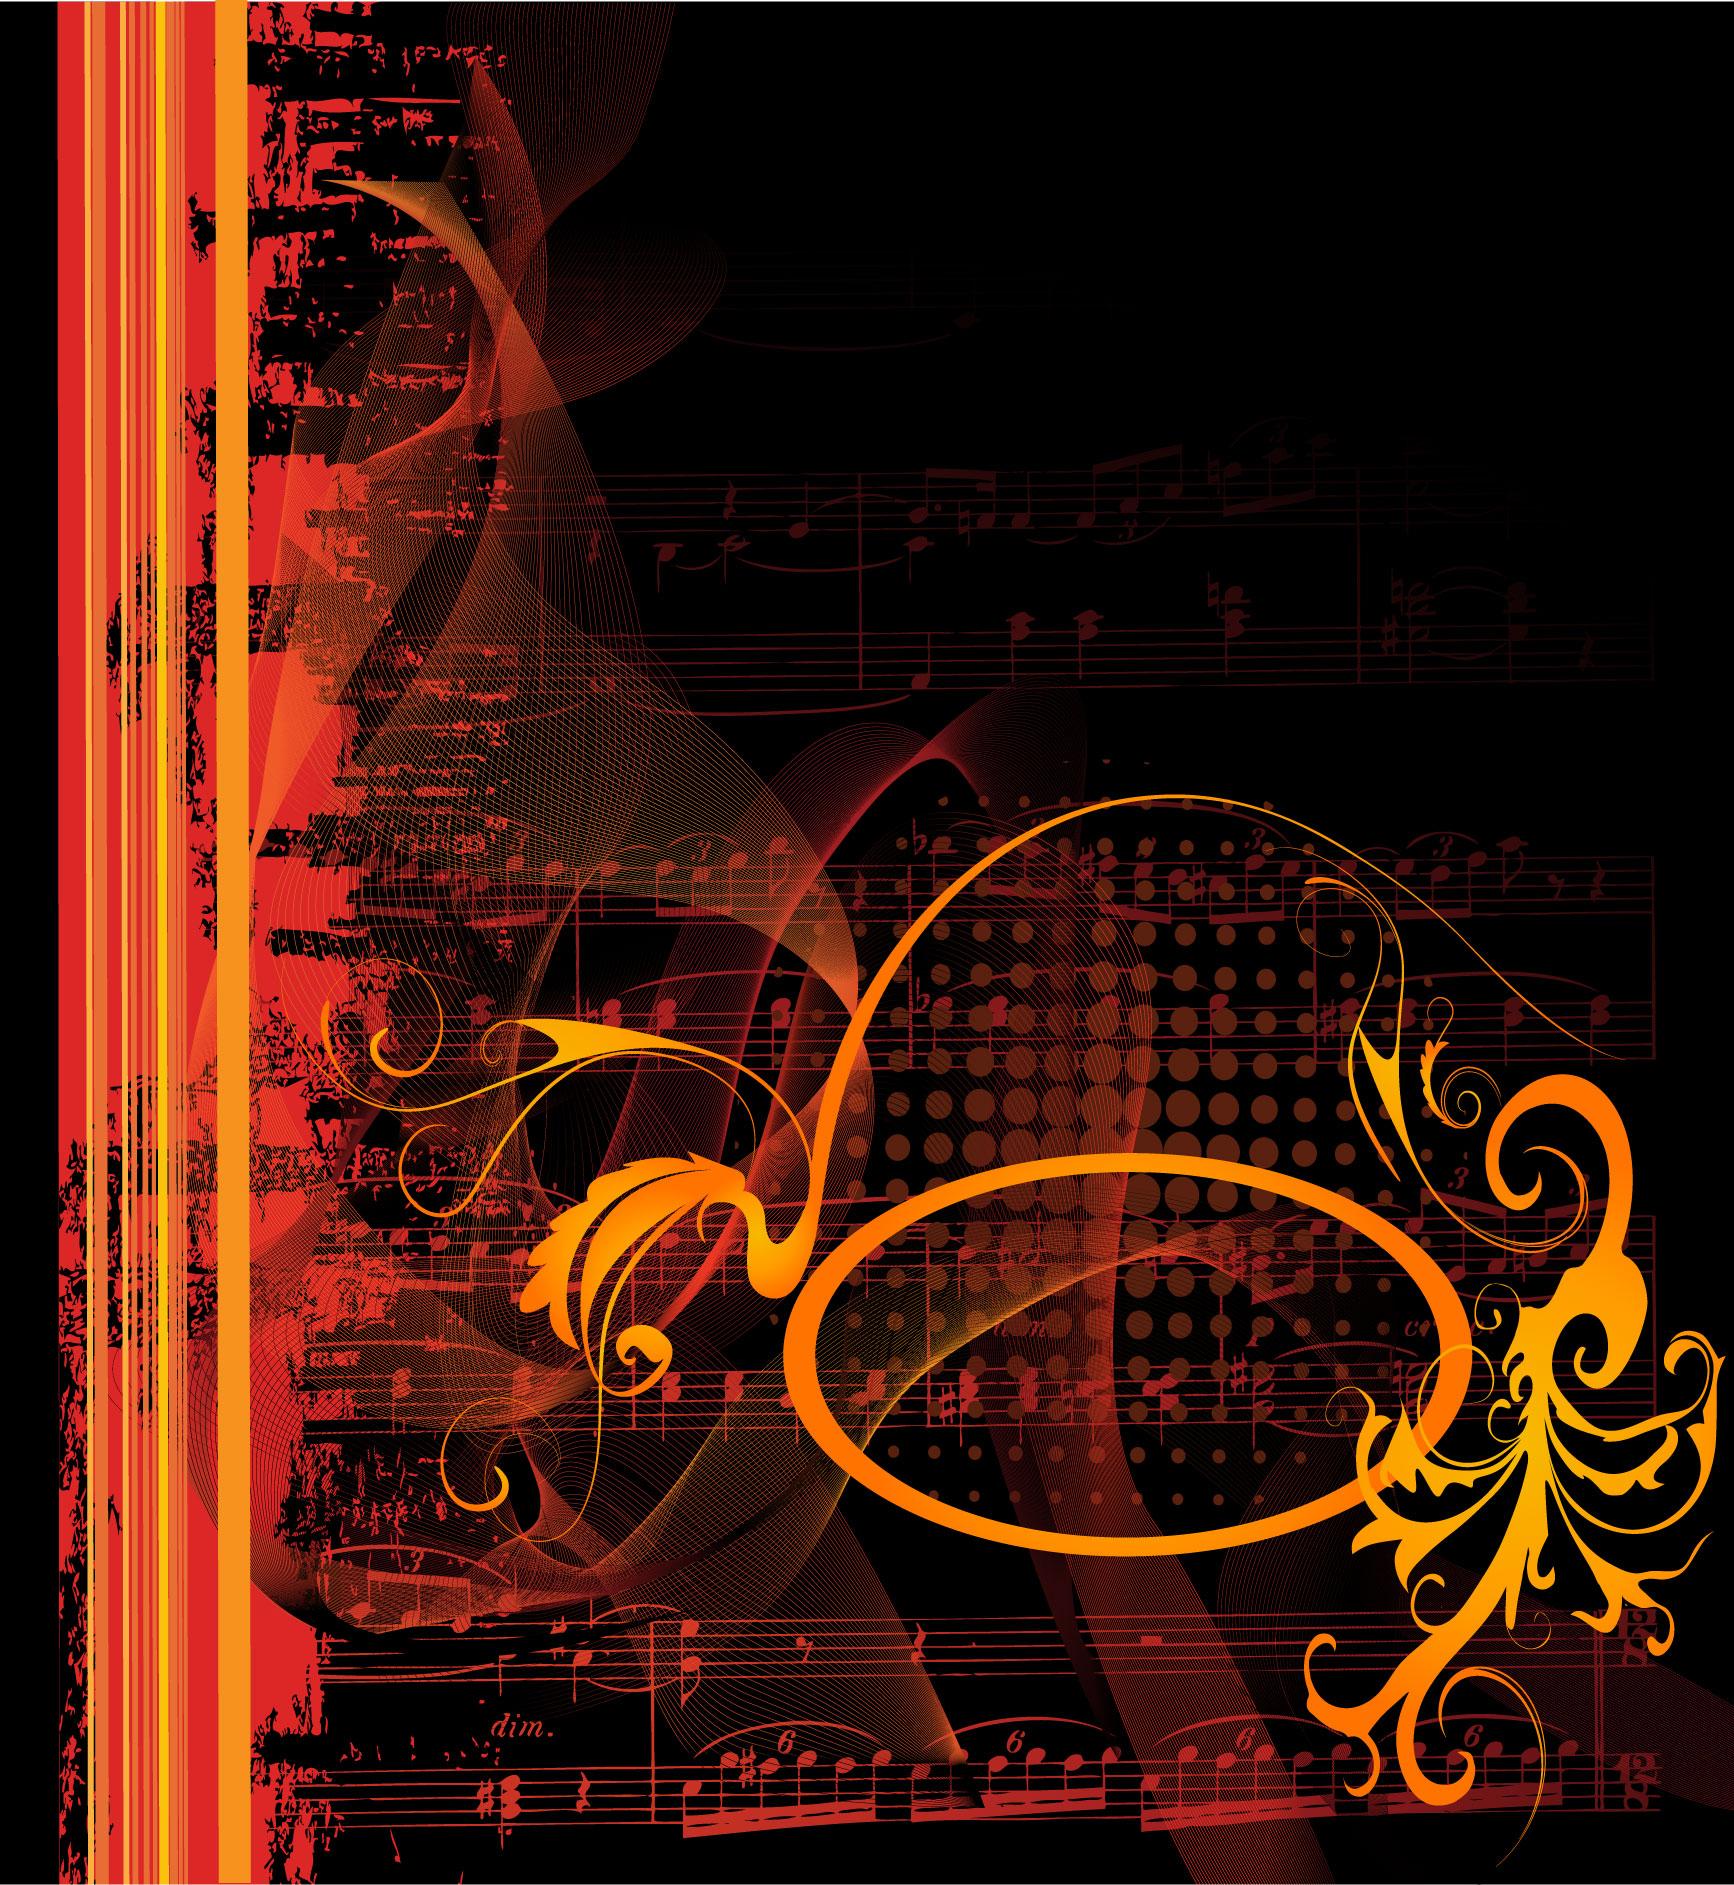 音符イラスト ゴージャスイメージ2 無料のフリー素材